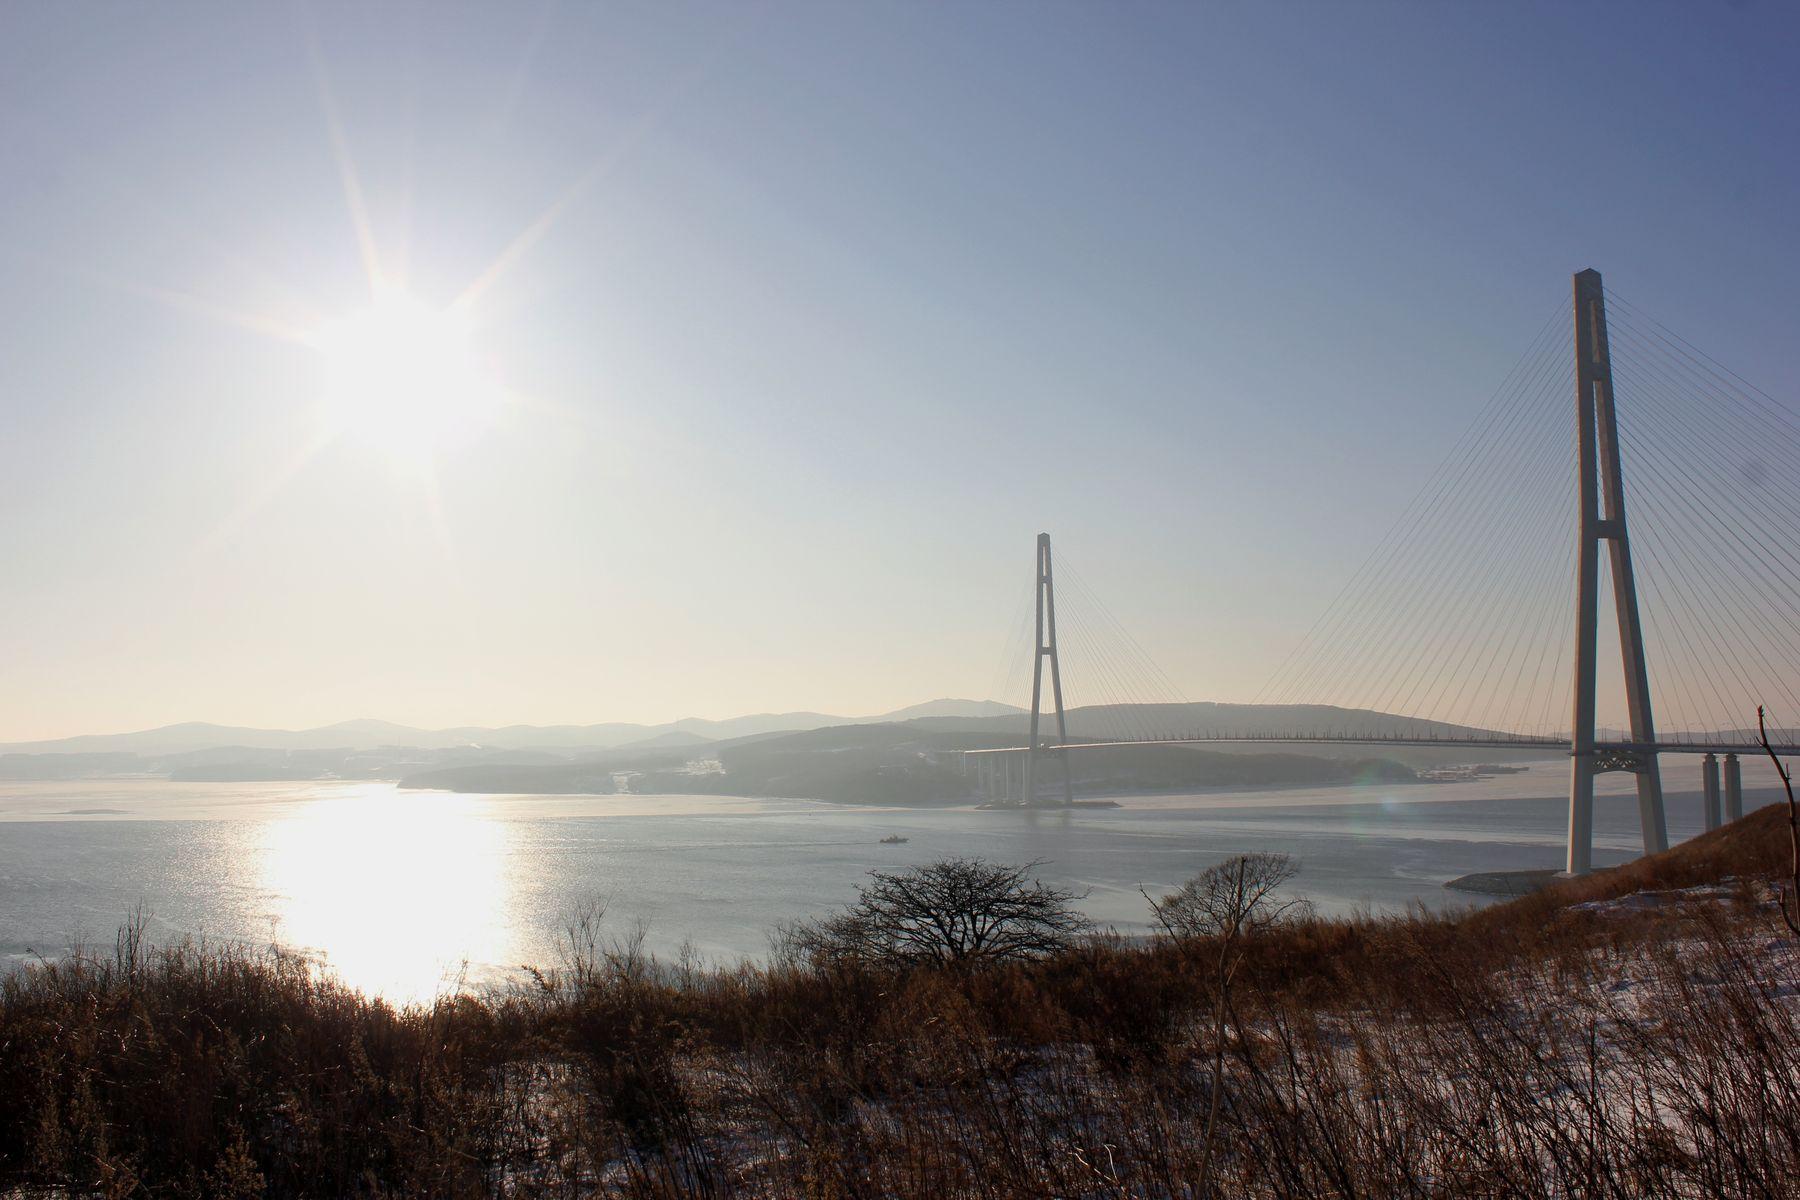 Владивосток. Зима. Мост на о. Русский.